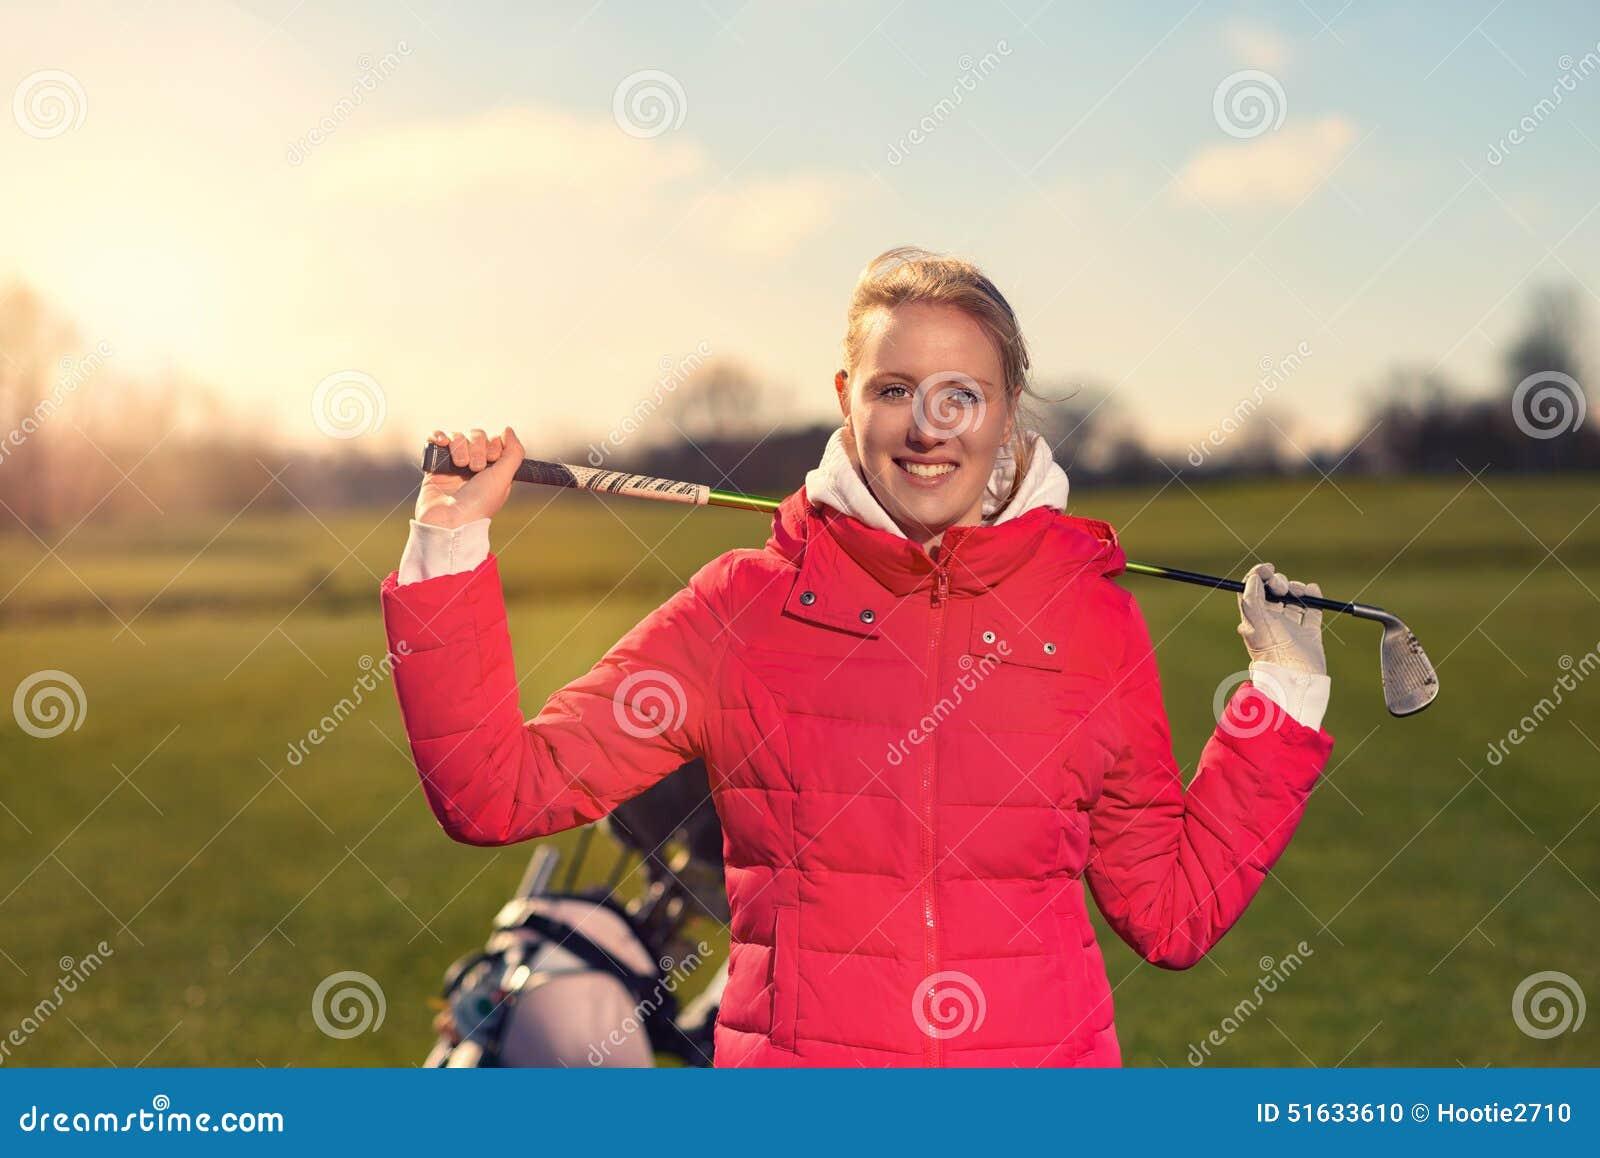 Vrouwelijke Golfspeler met een Golfclub over haar Schouder